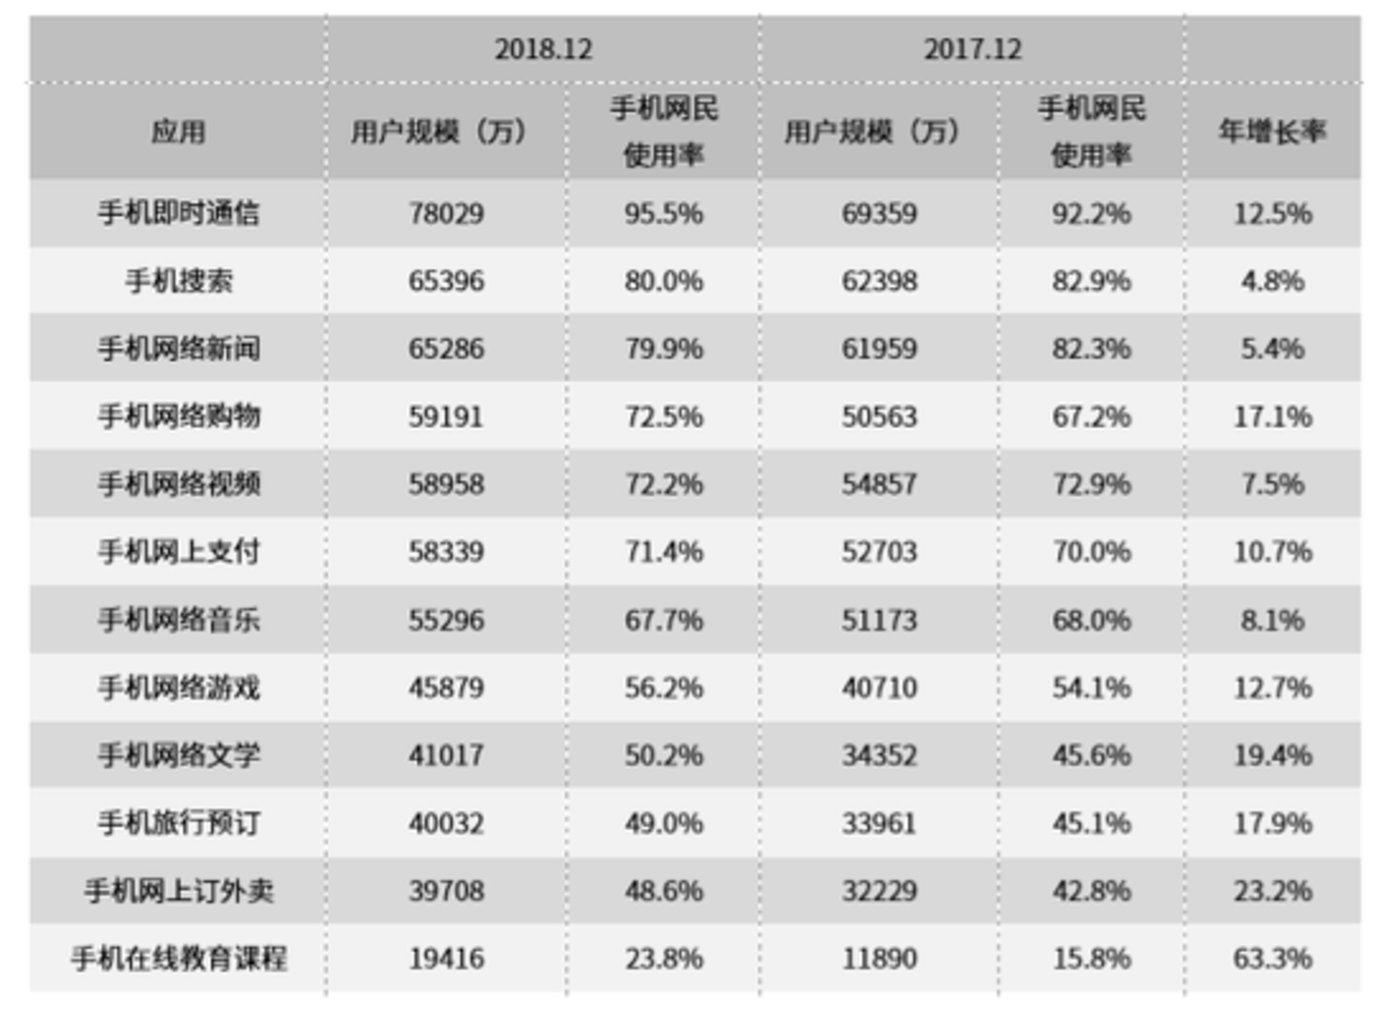 2017.12-2018.12手机网民各类手机互联网应用的使用率